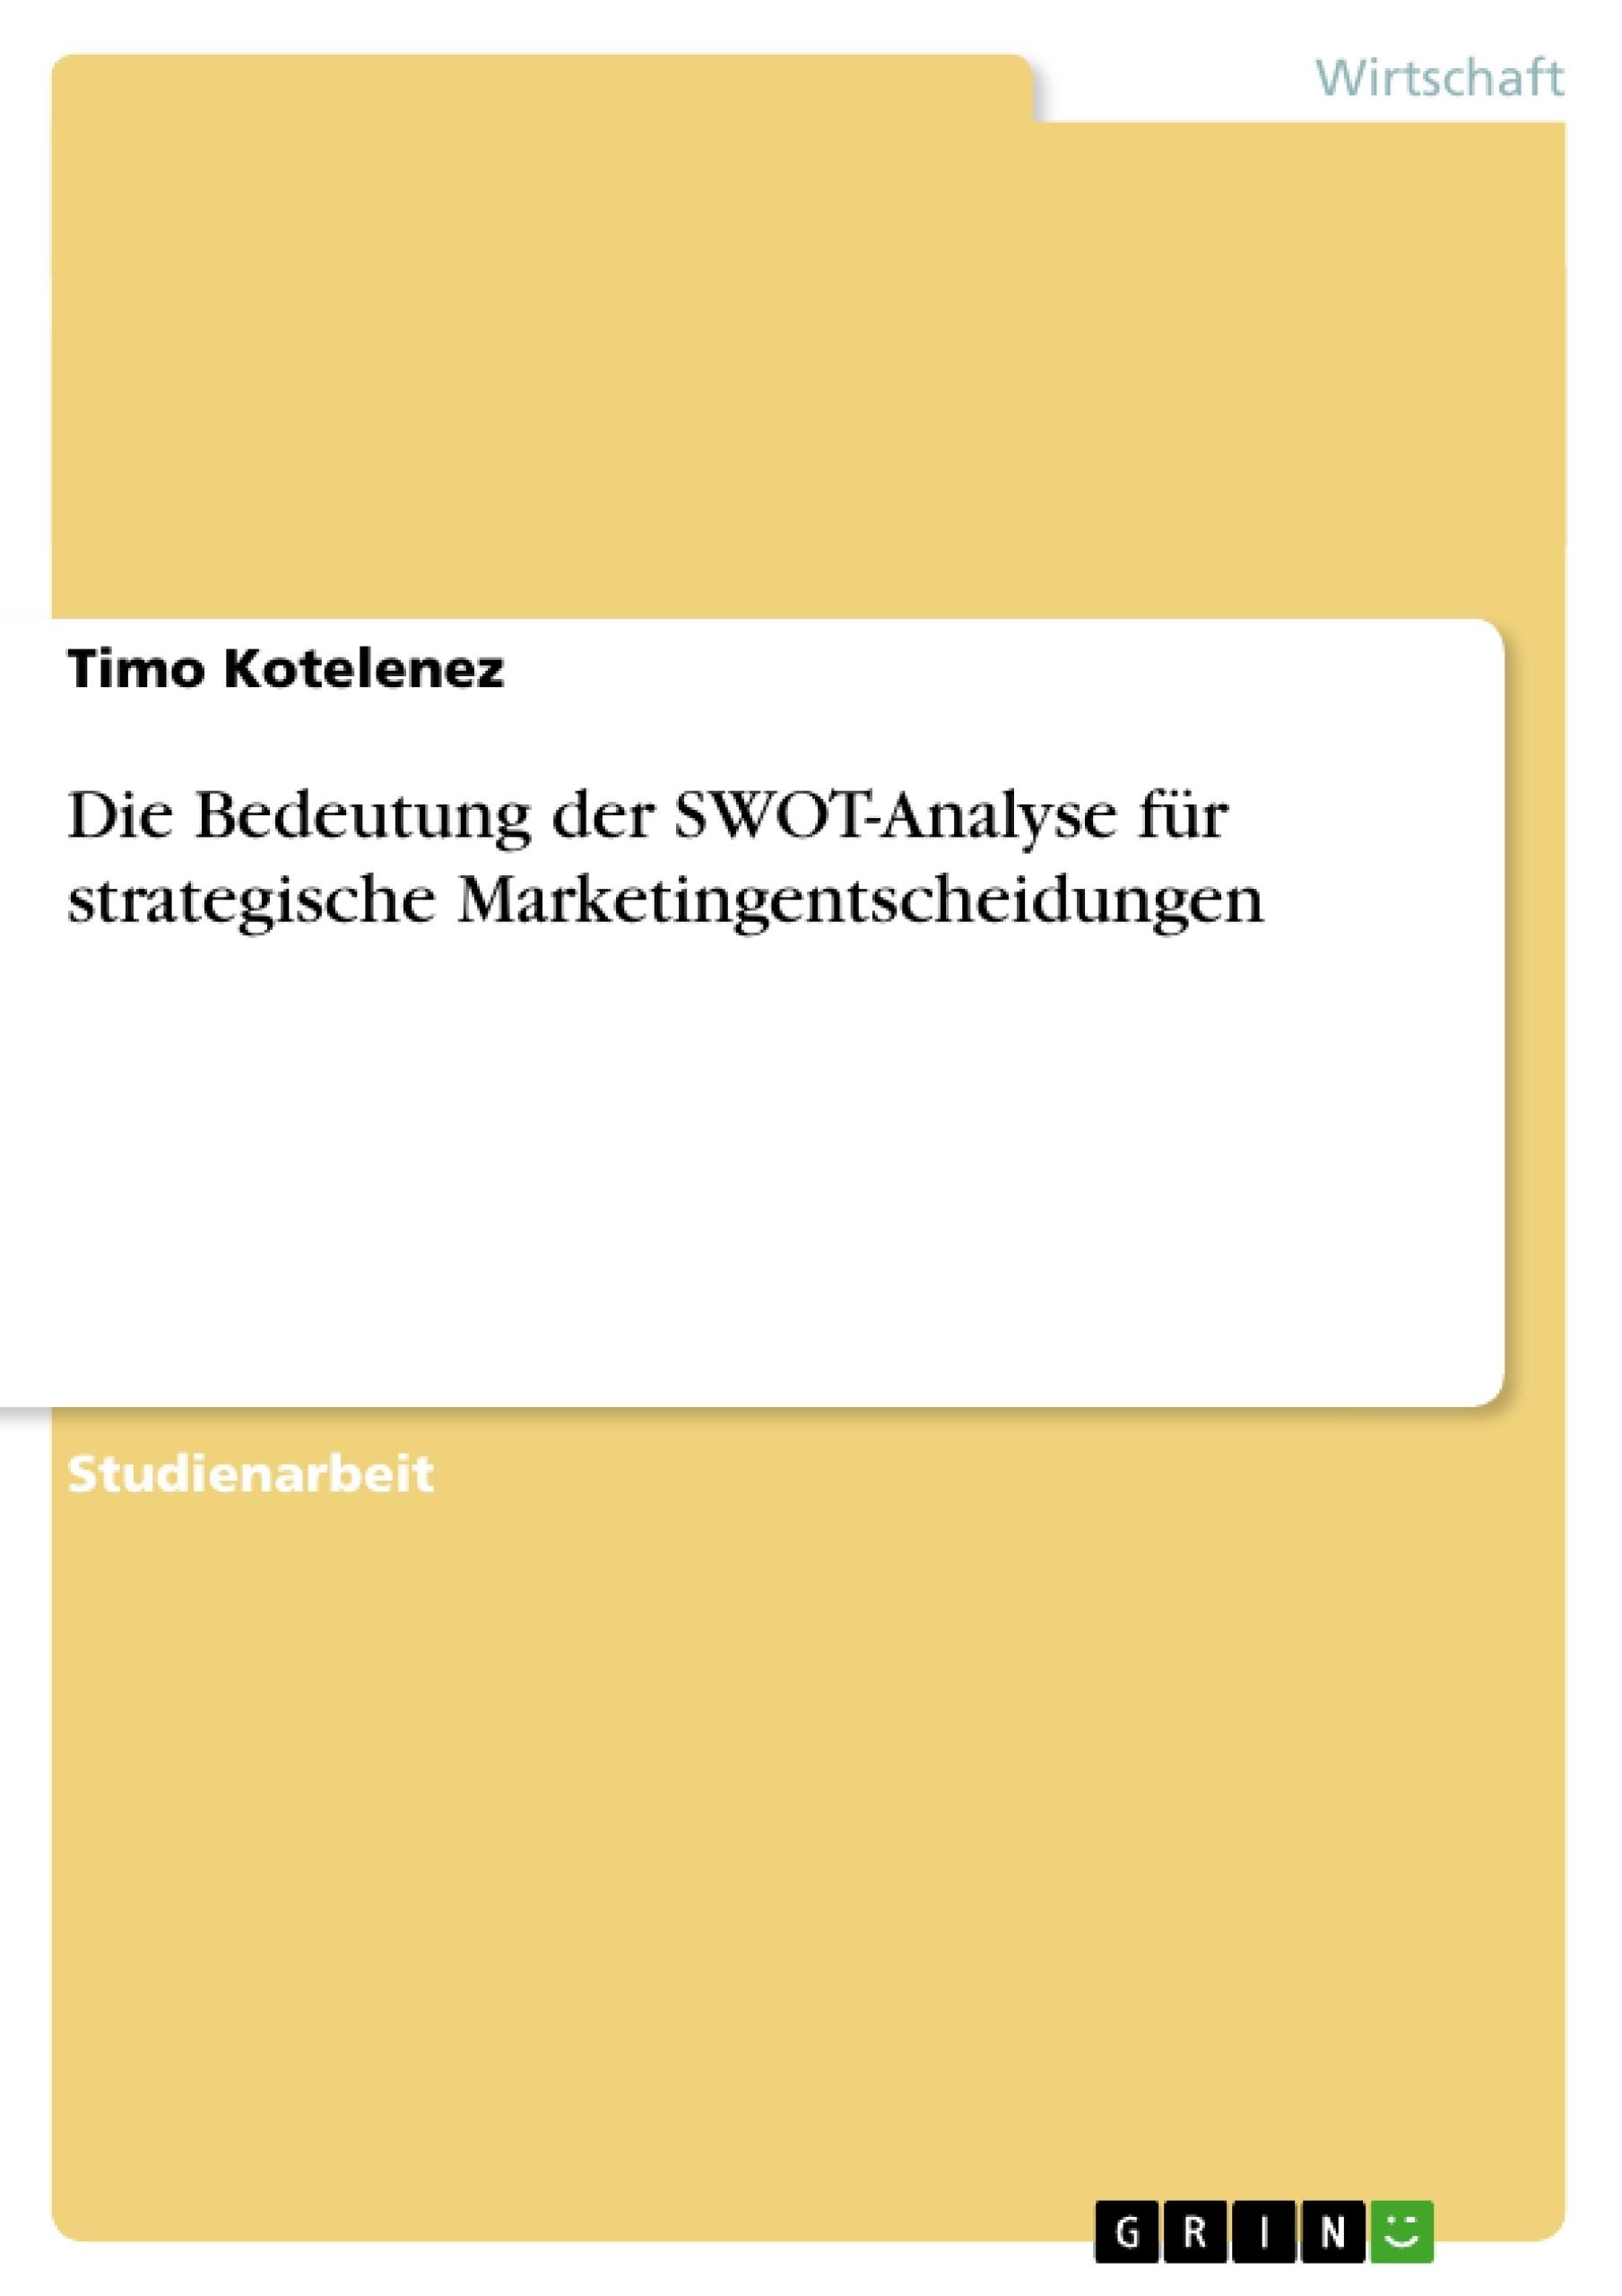 Titel: Die Bedeutung der SWOT-Analyse für strategische Marketingentscheidungen